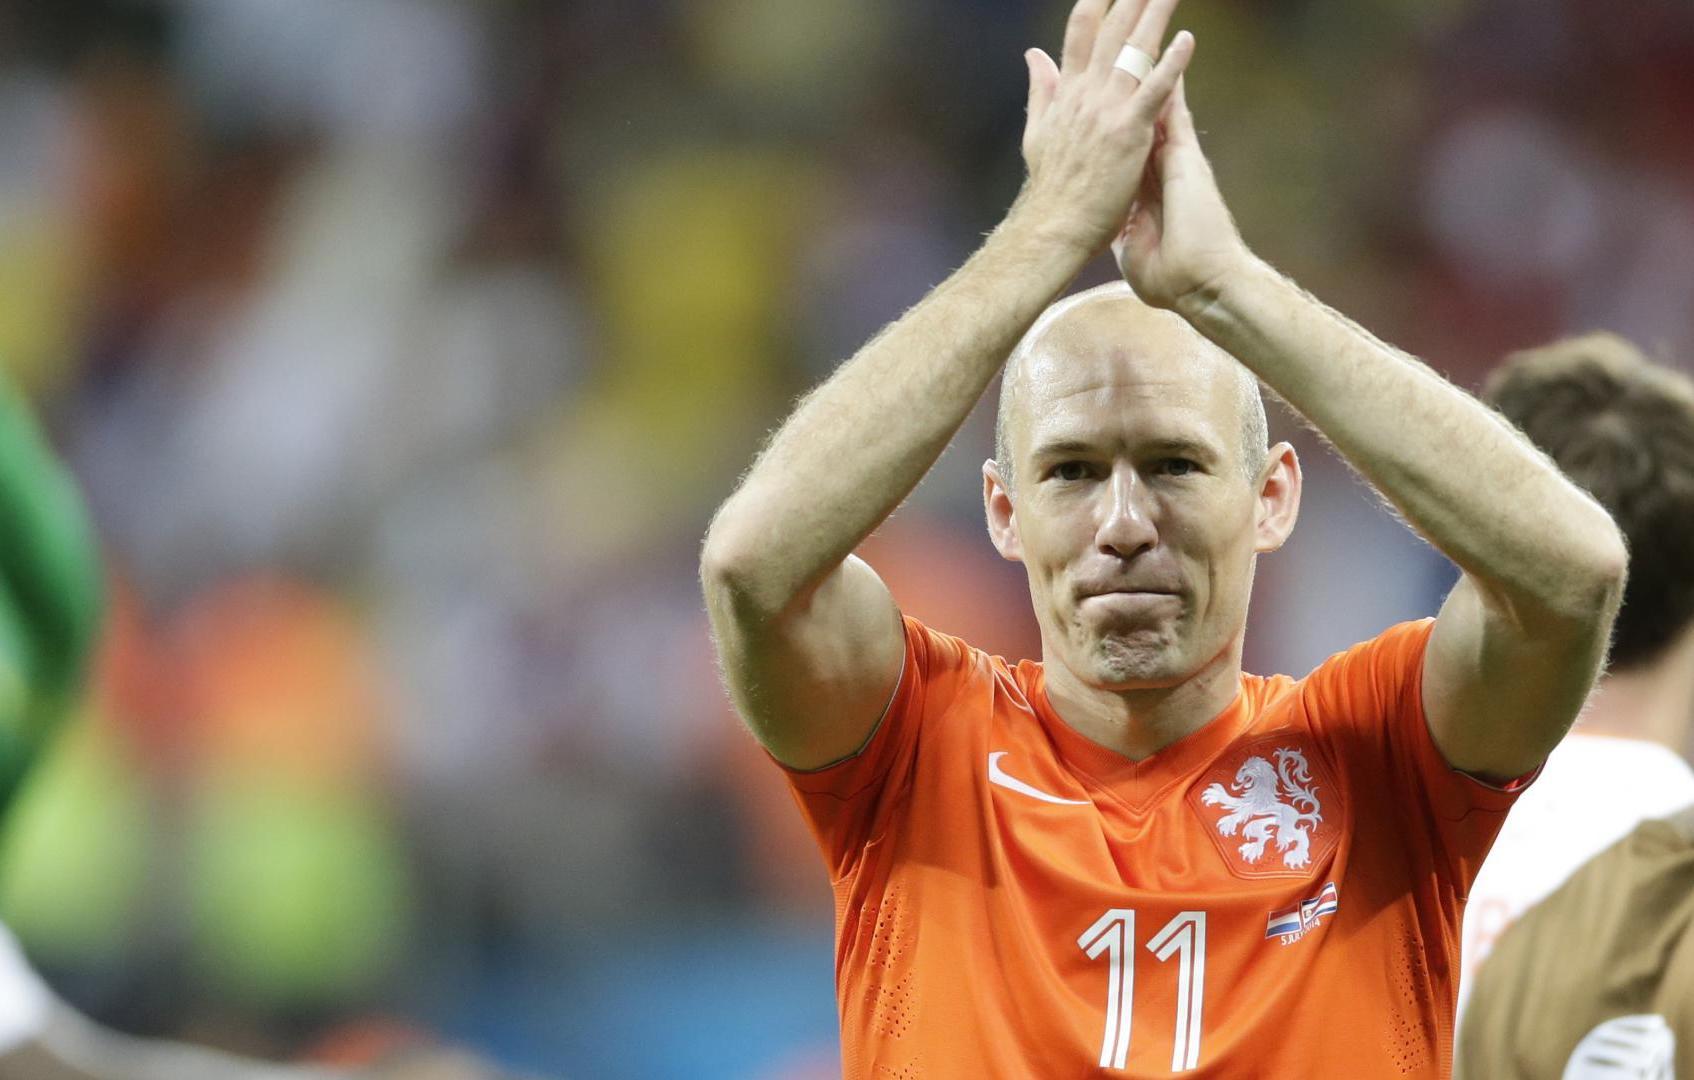 Final triste.  Robben despede-se da seleção holandesa depois de falhar a qualificação para o Mundial na Rússia. https://t.co/nhMqEWjFXA